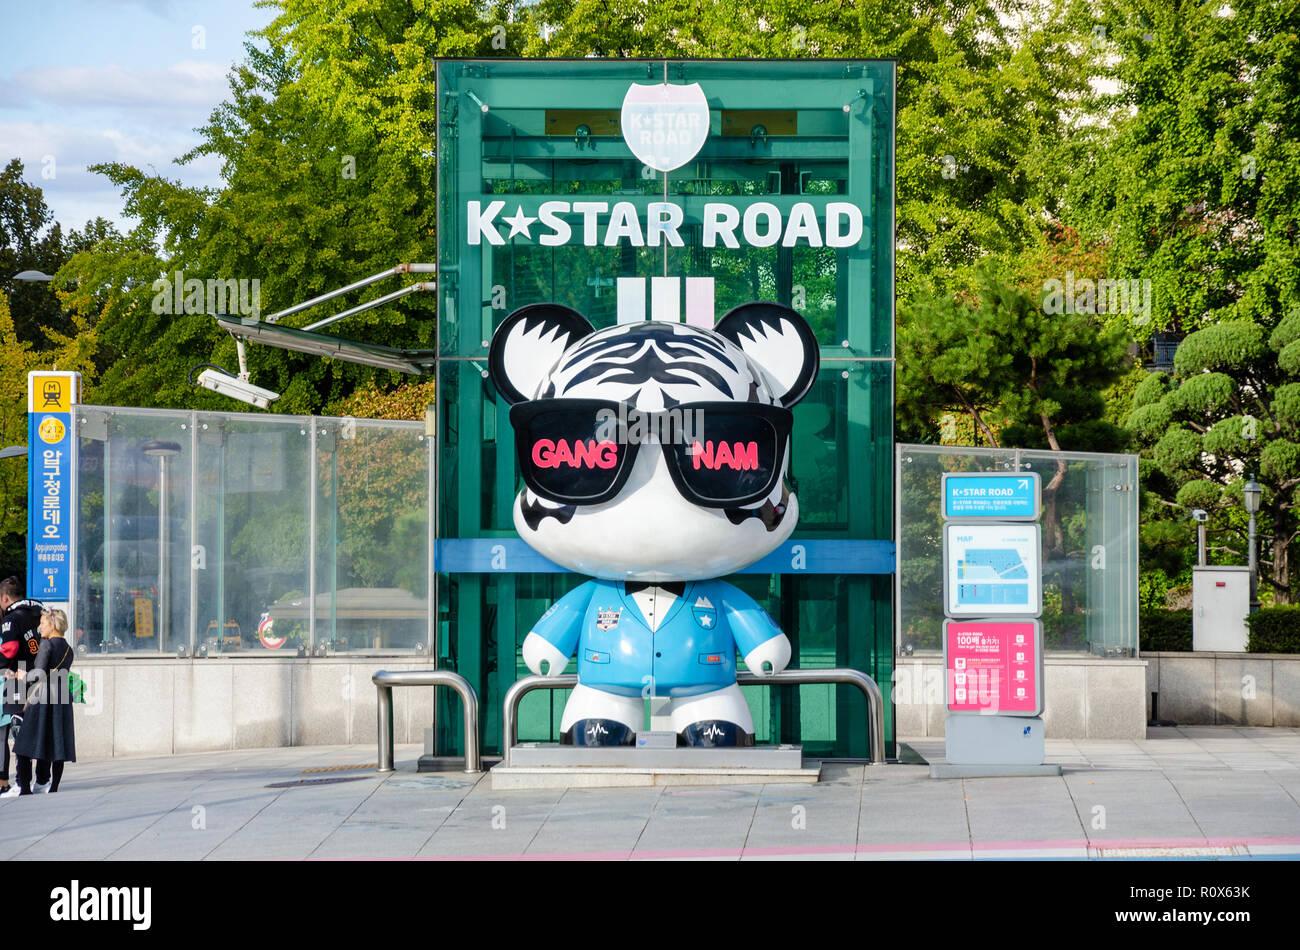 Le début de la K*Star road Art Project, a 1km décoré avec GangnamDols à Gangnam, Seoul, Corée du Sud. Photo Stock